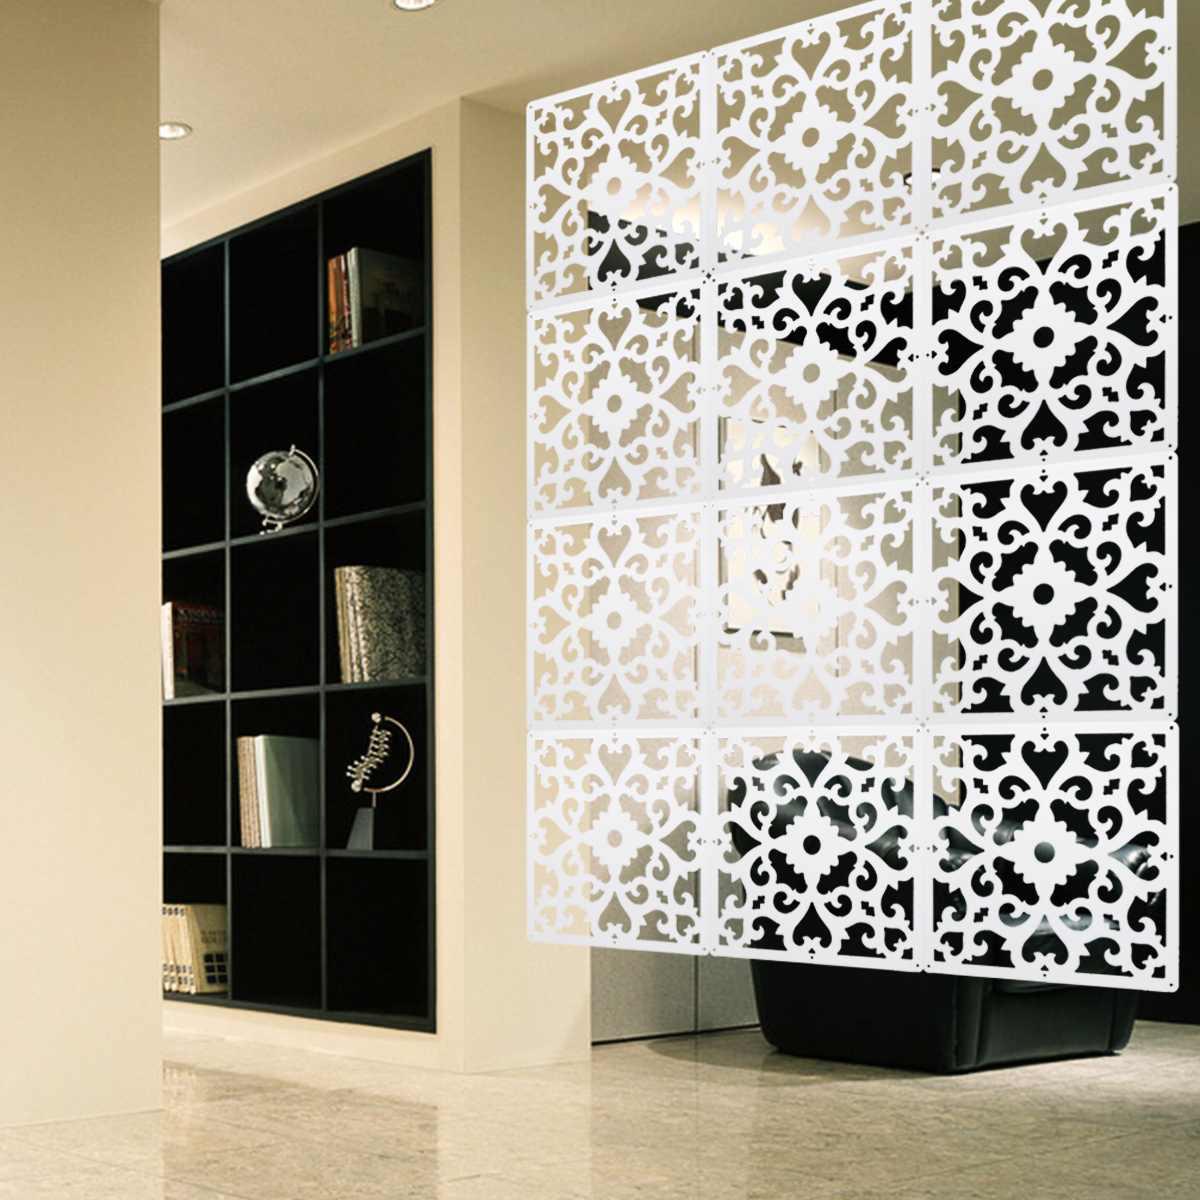 Cloison murale diviseur d'écran de pièce 12 Pcs/Lot panneaux de rideau en PVC écrans de séparation espace sculpté Division décoration de la maison artisanat